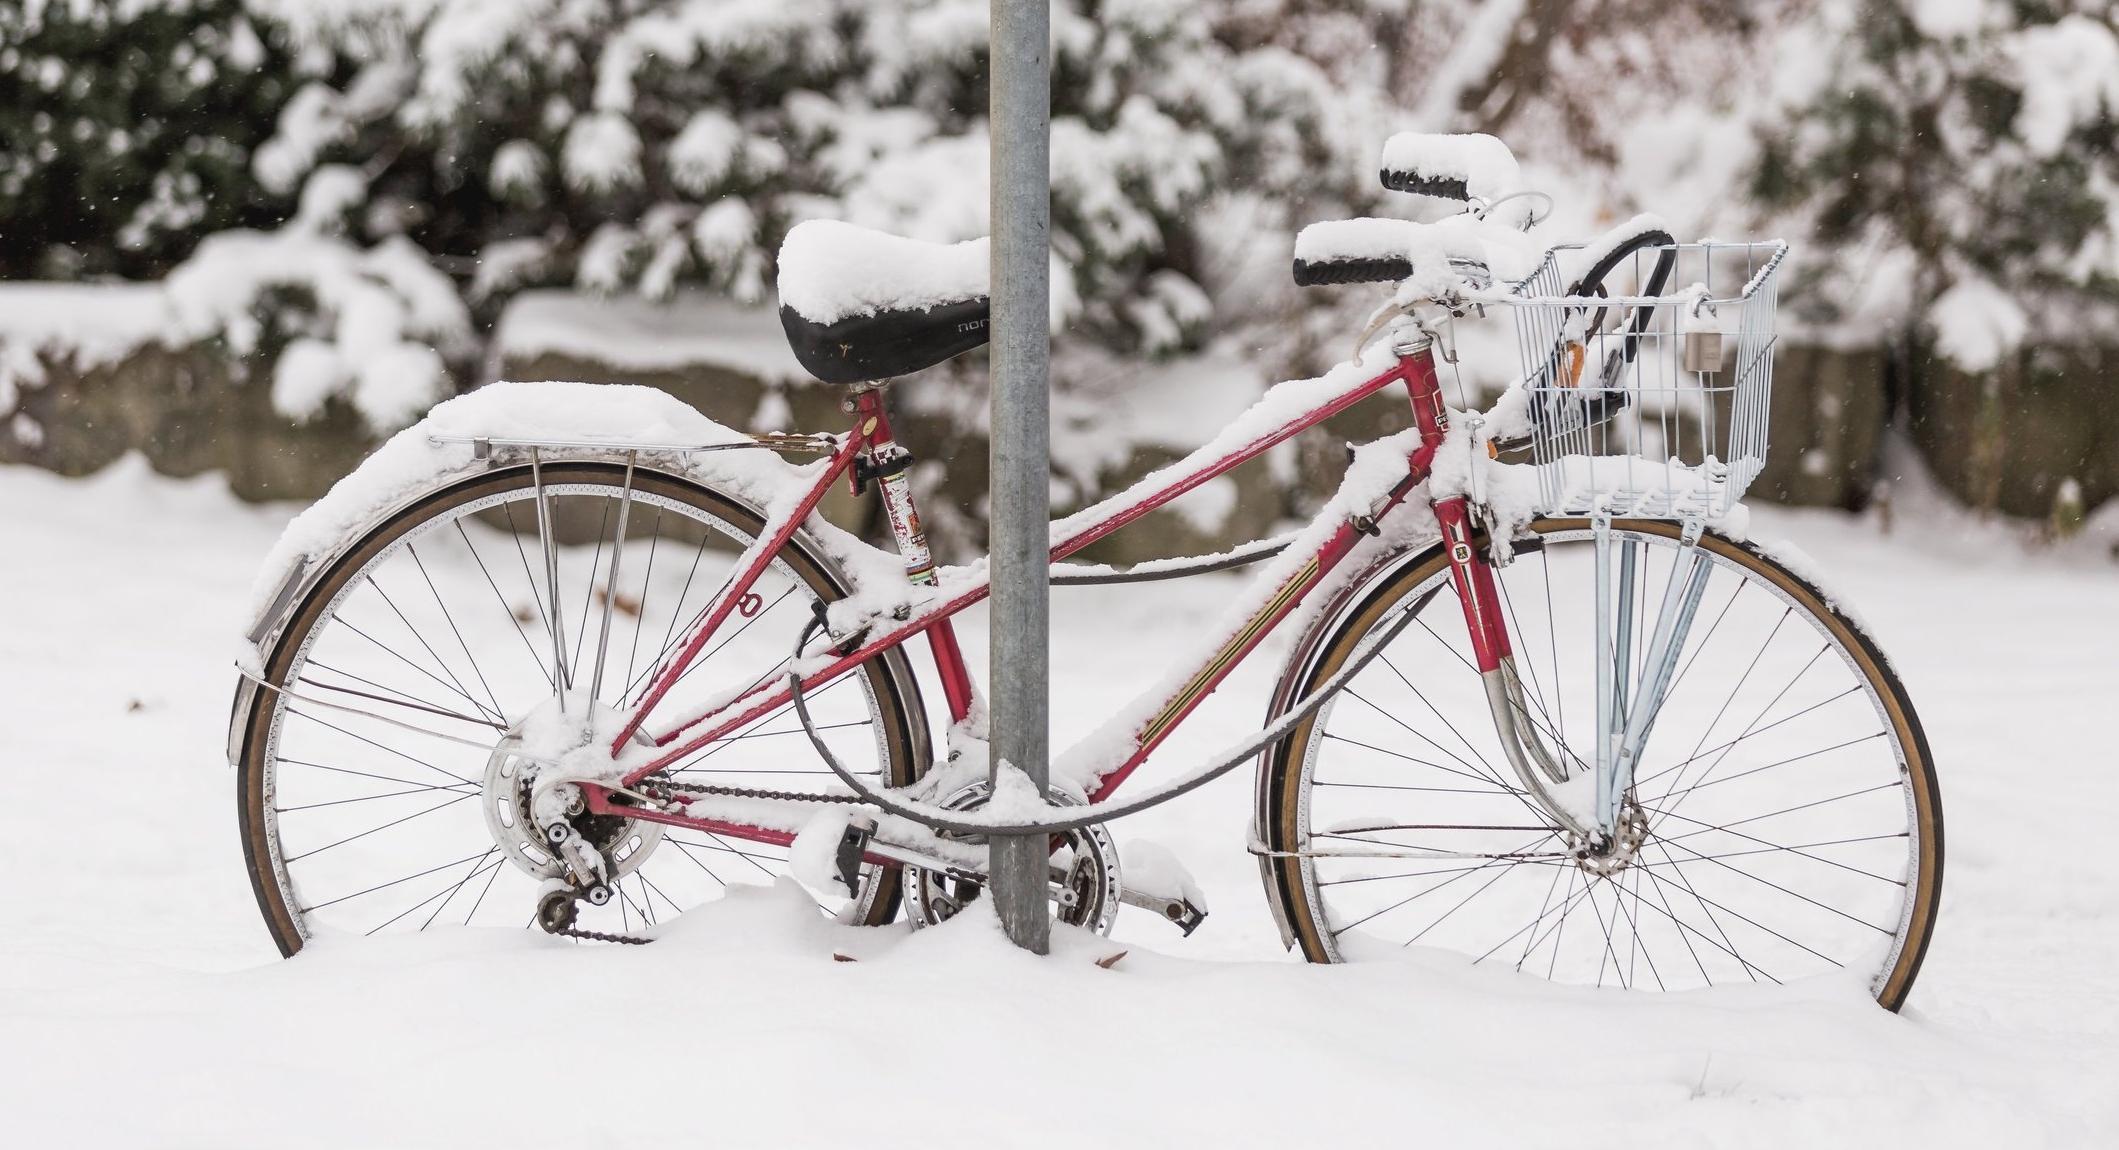 bike-covered-in-snow_4460x4460.jpg